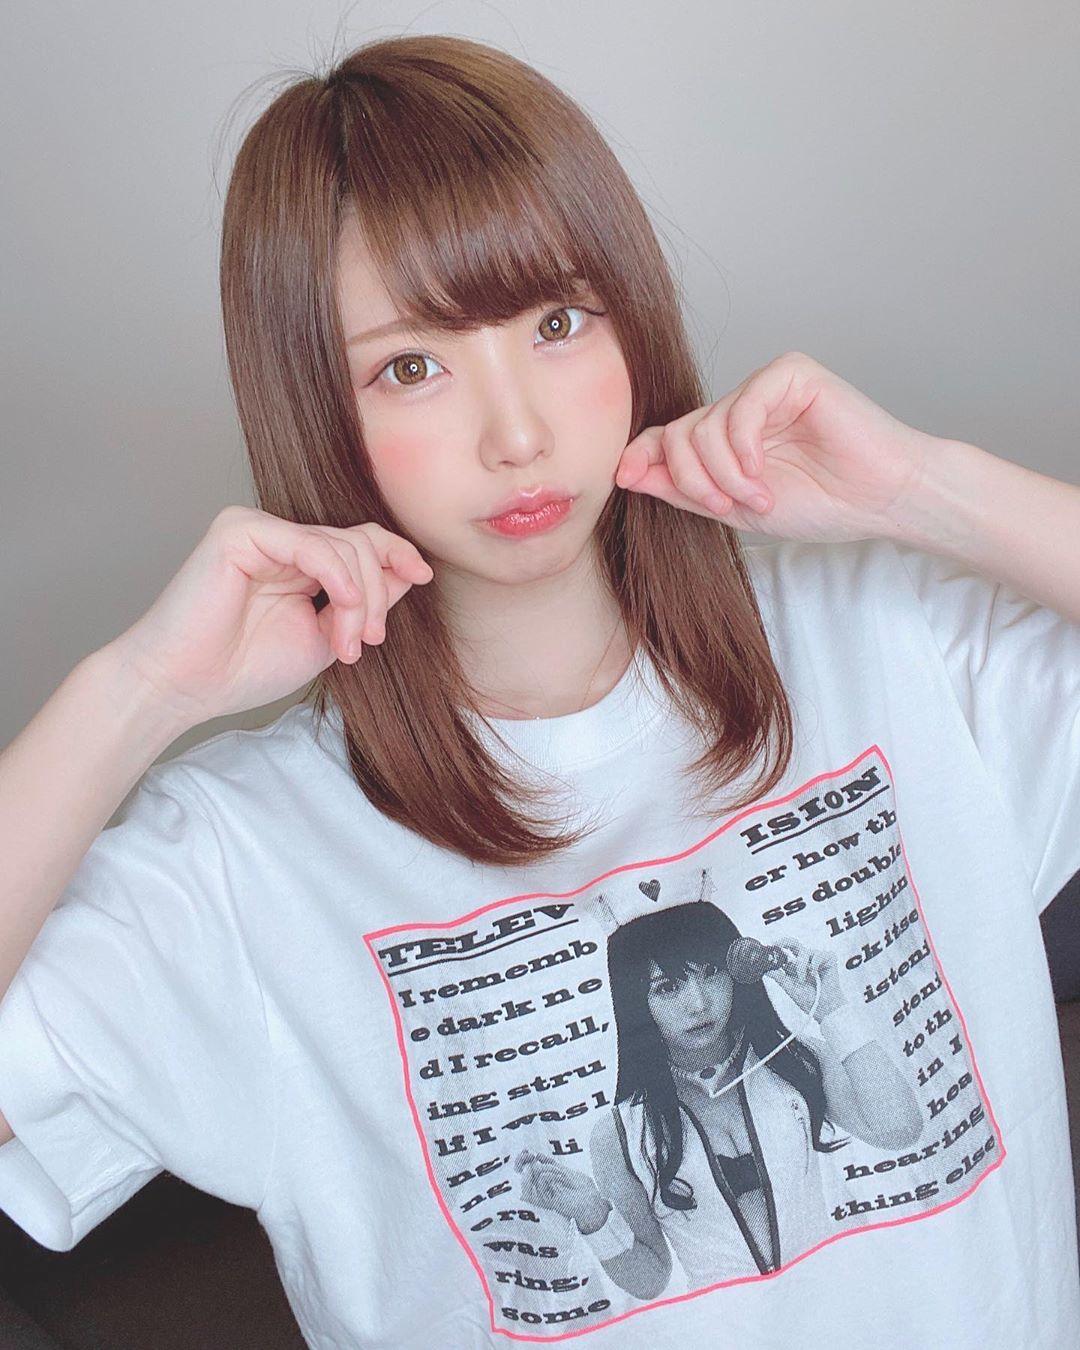 日本第一美女 COSER!最新「Enako」性感写真画面曝光,邪恶视角谁受得了…